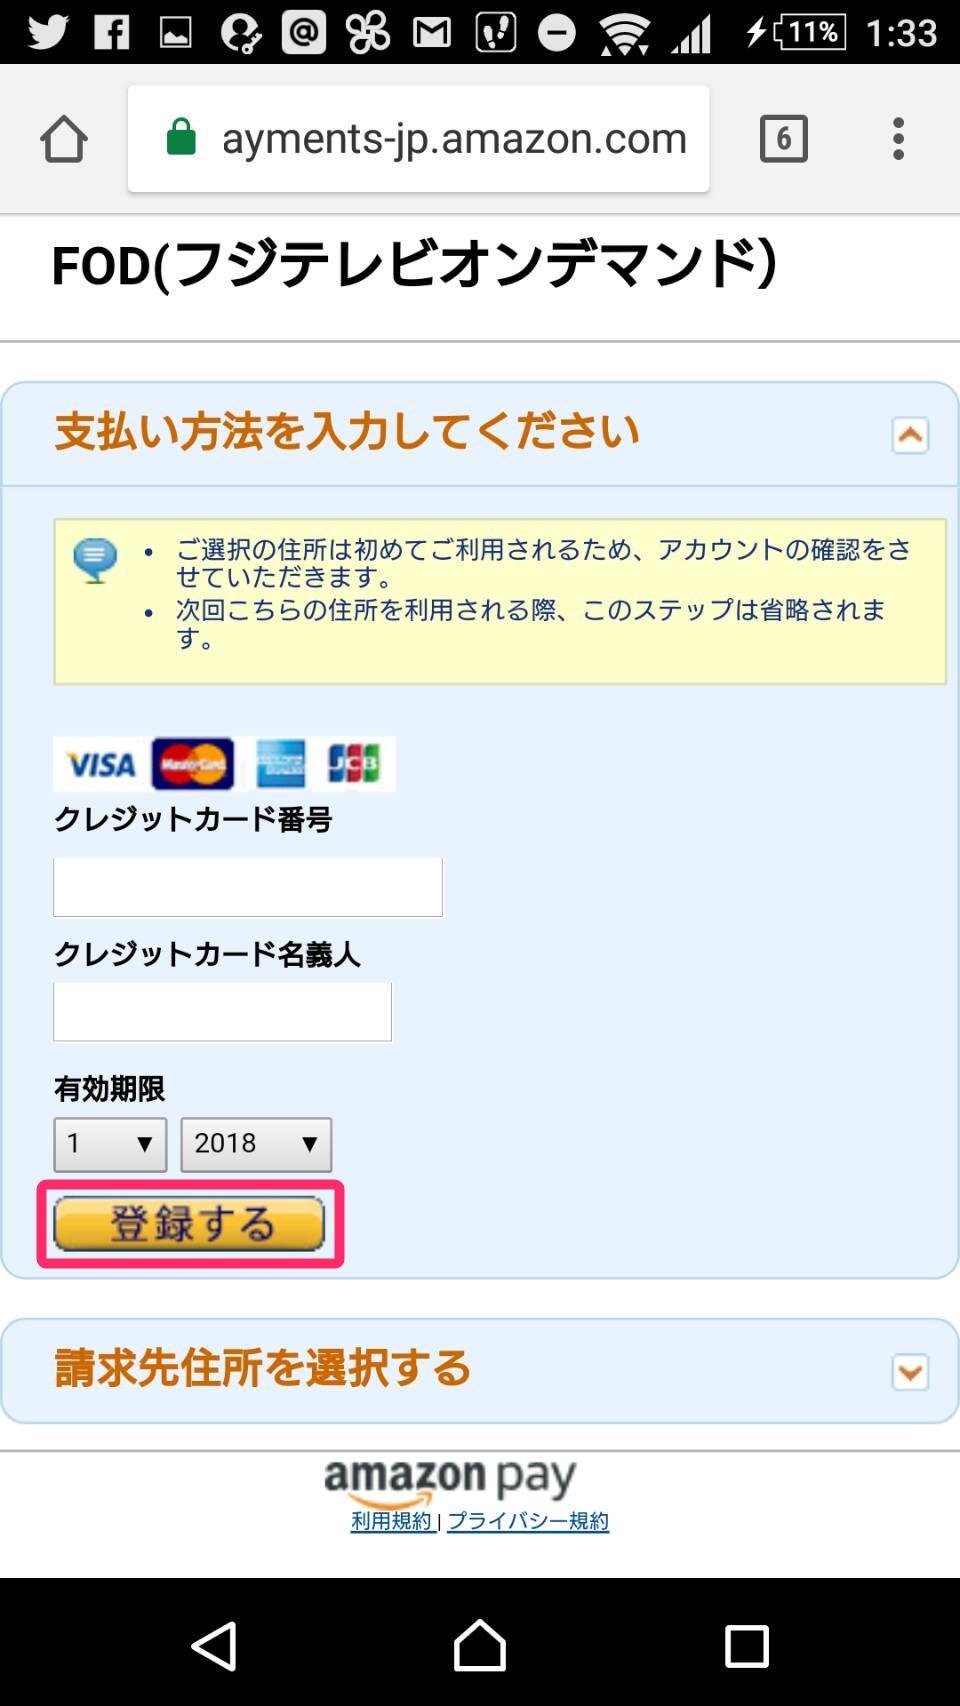 AmazonPayでFODの支払方法のクレジットカードを登録する画面の画像